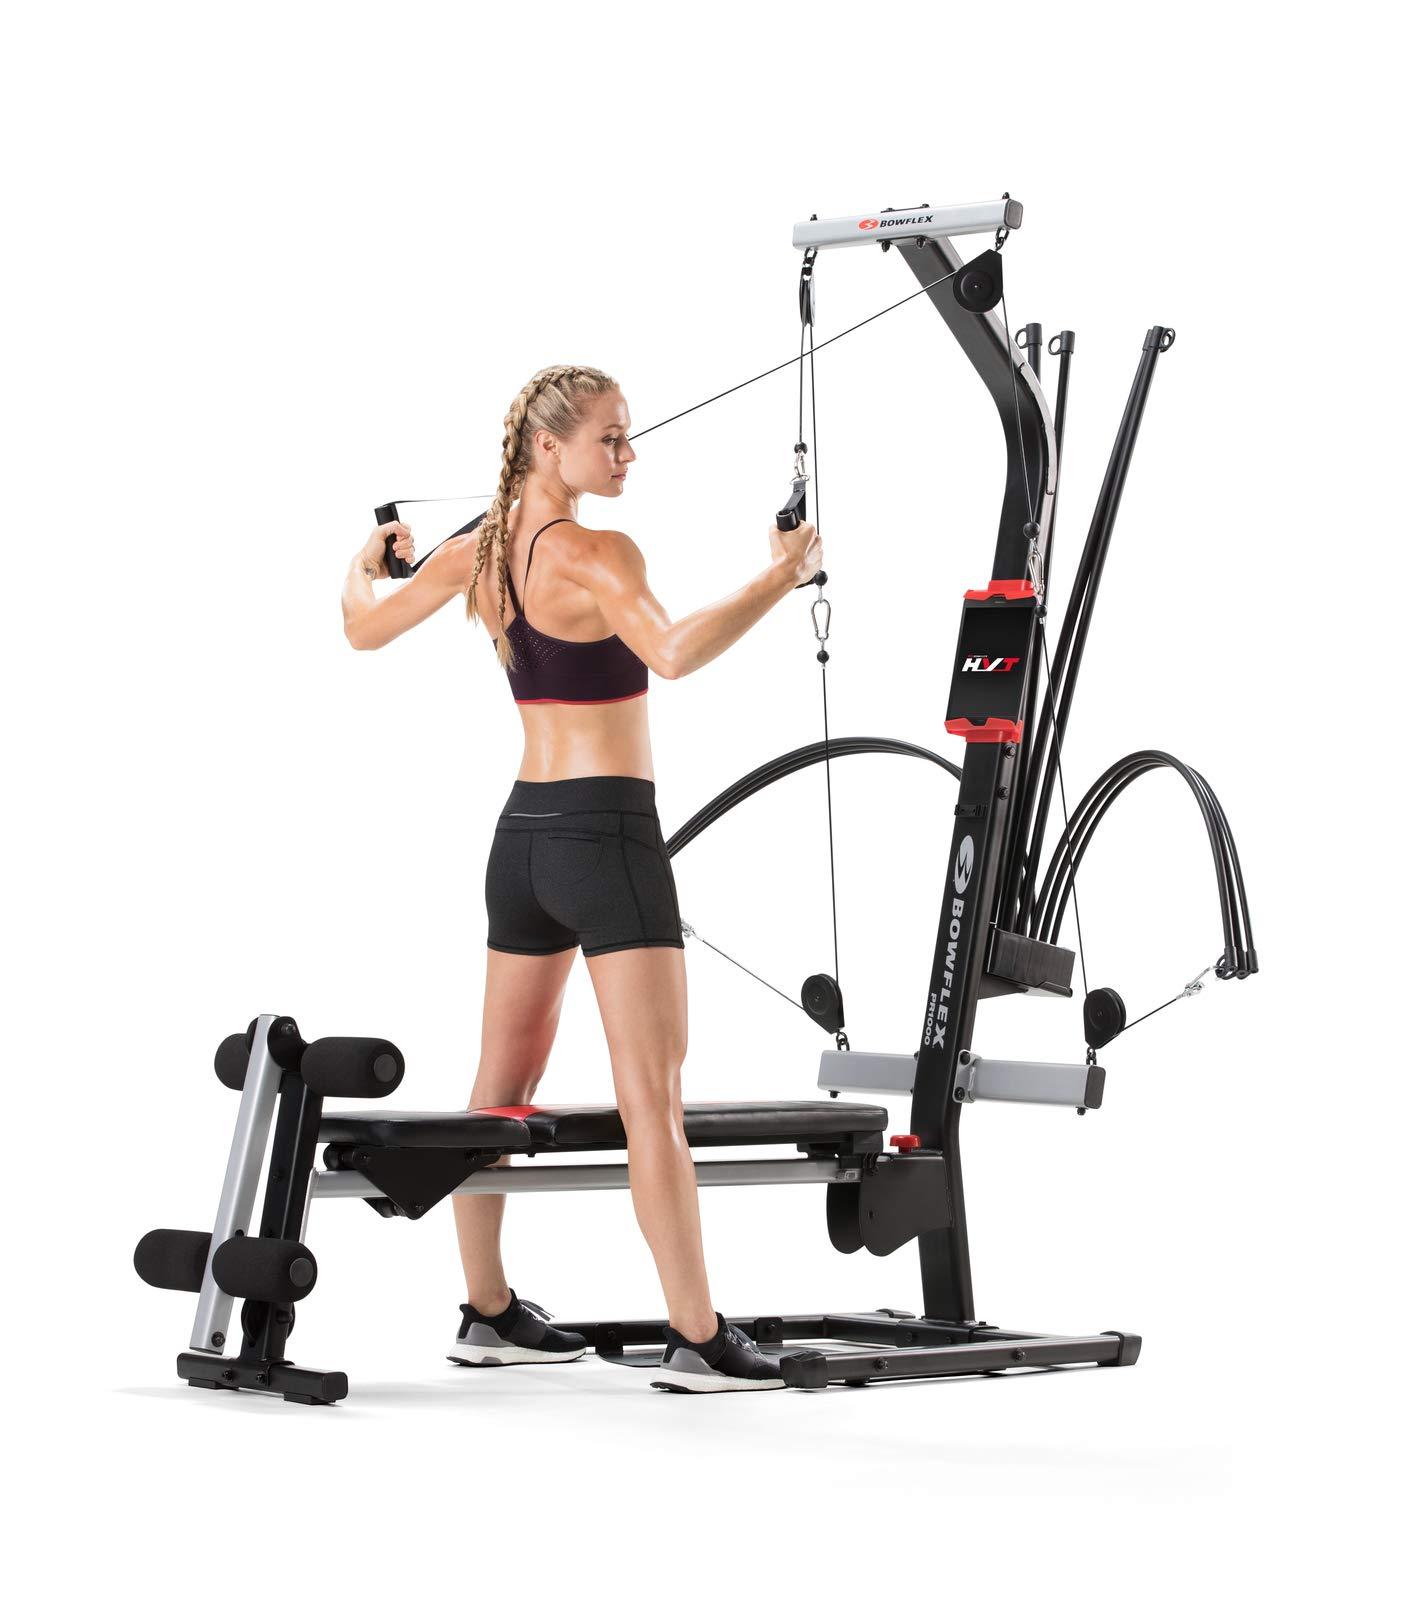 Bowflex PR1000 Home Gym by Bowflex (Image #1)